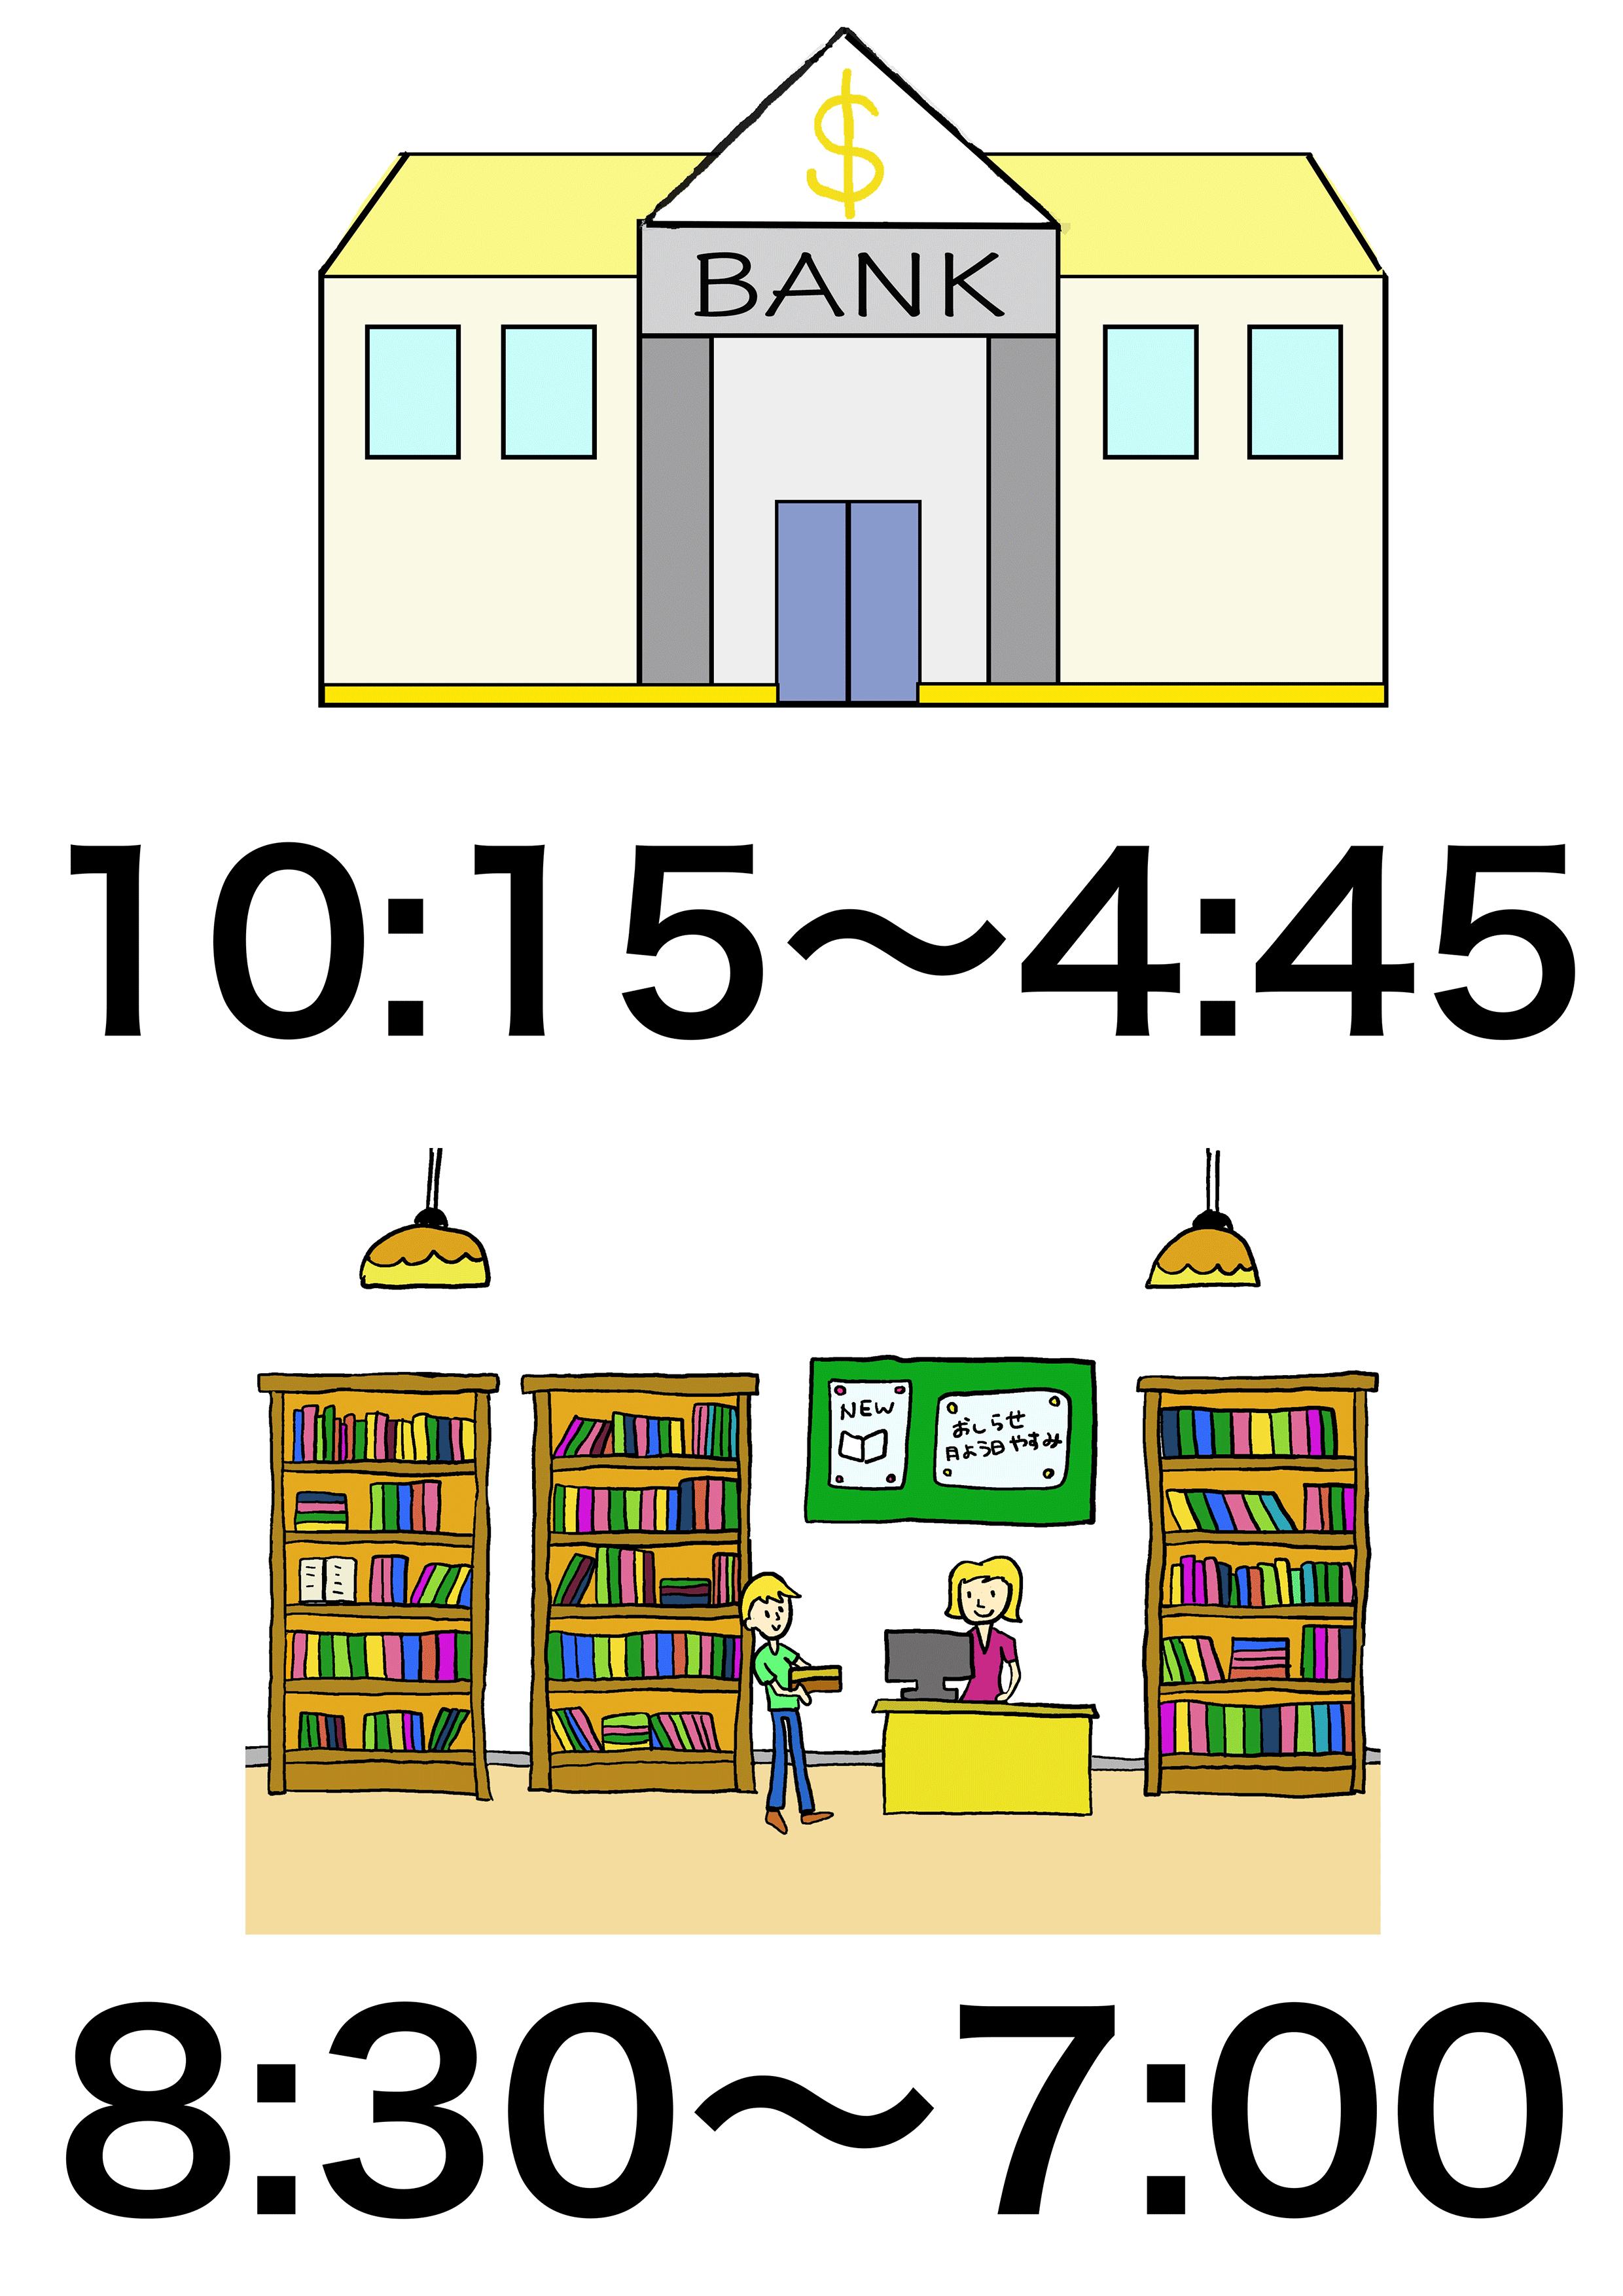 4課イラスト【銀行/図書館】